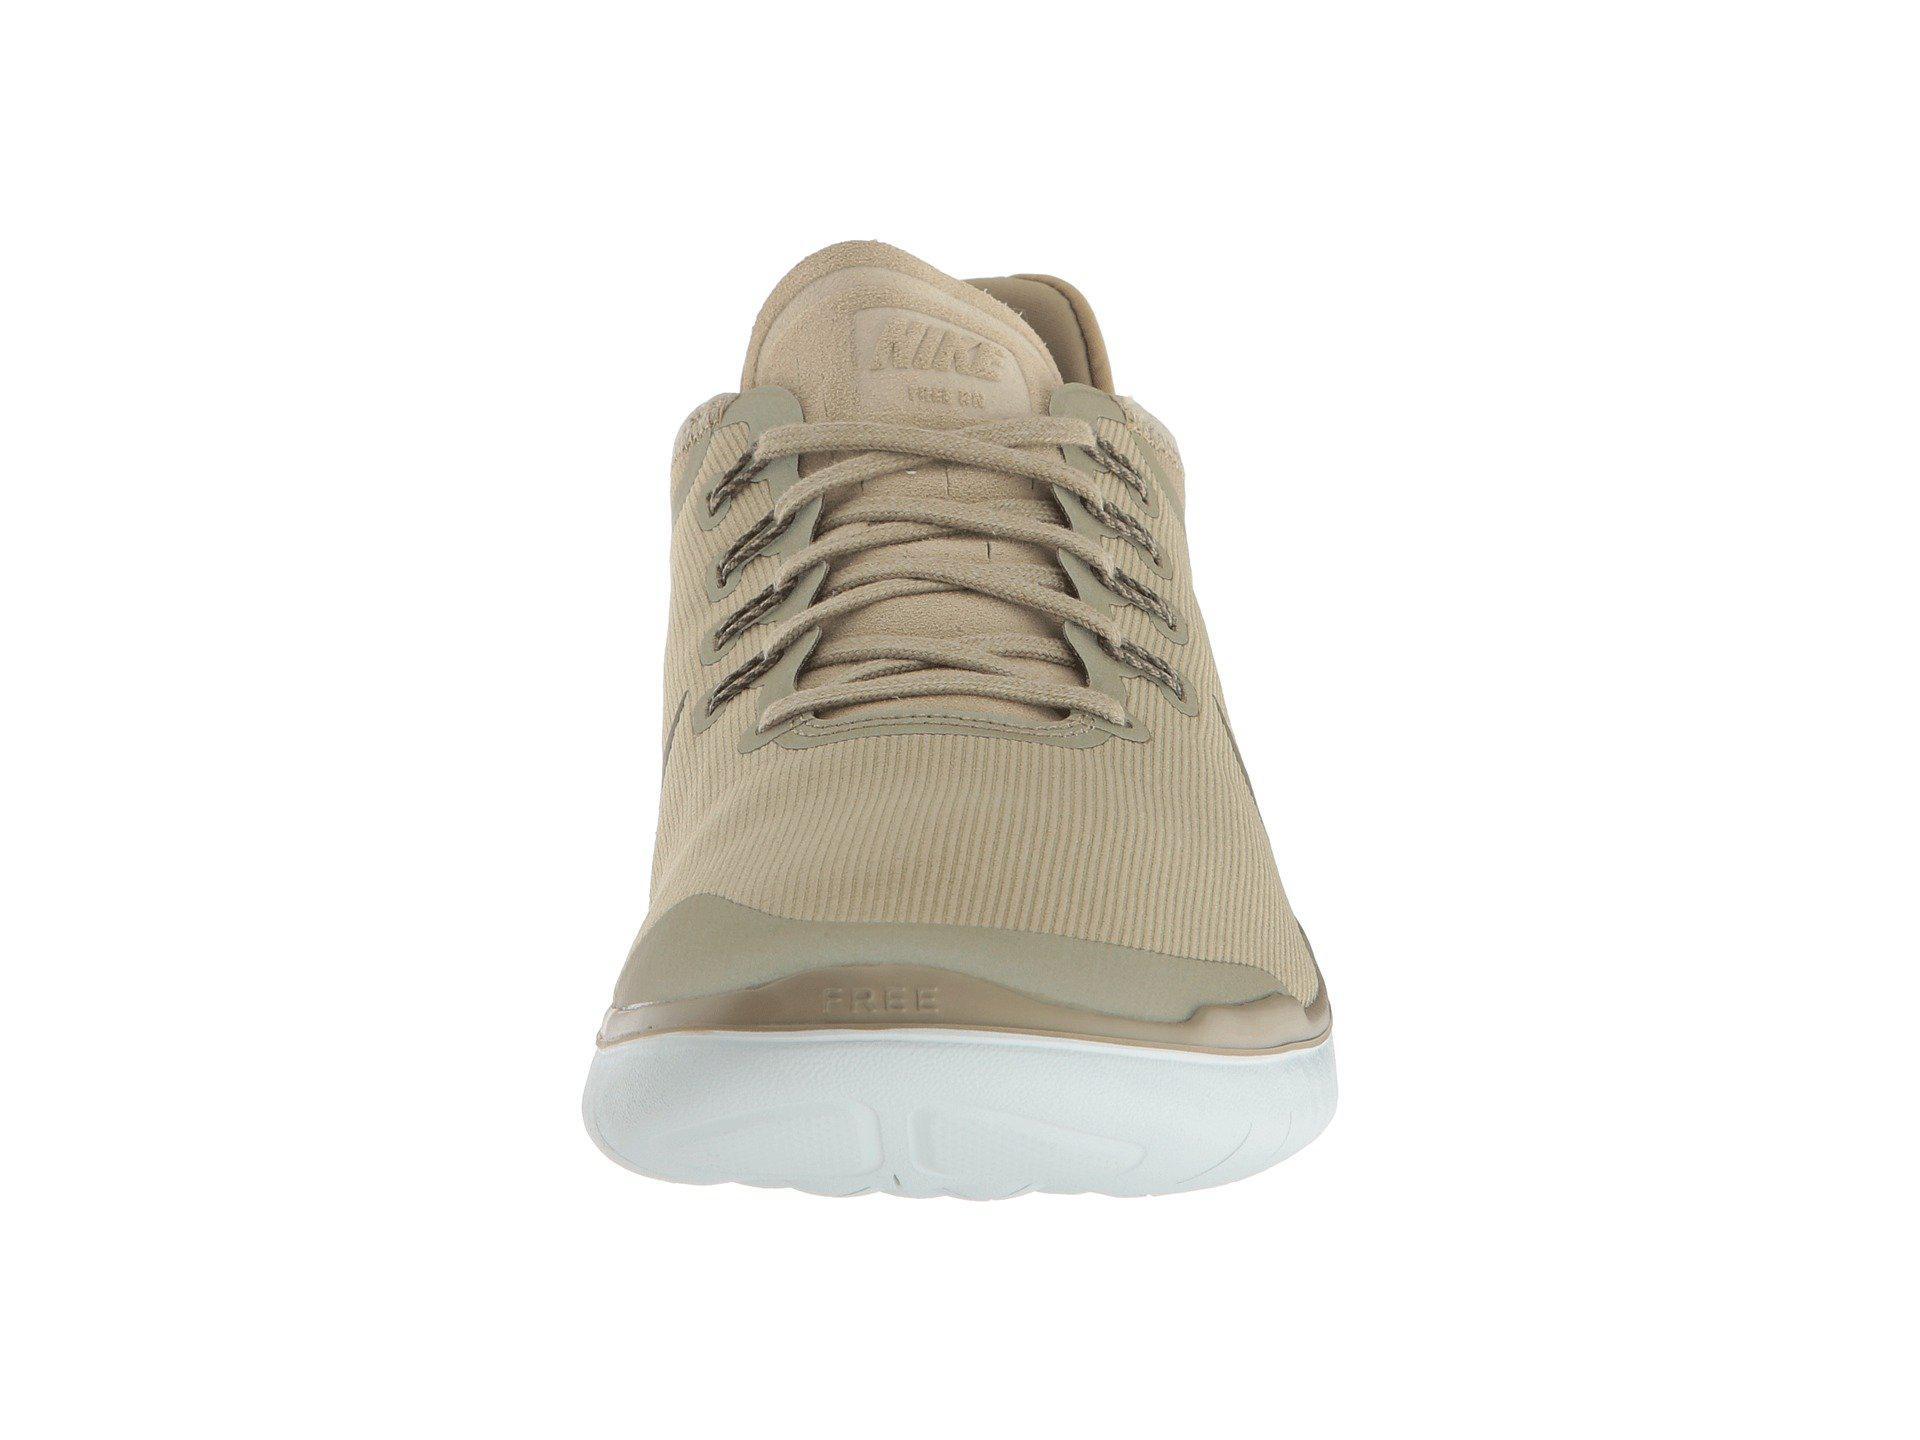 59b64fec5c81 ... official view fullscreen d7e3e 915d6 official view fullscreen d7e3e  915d6  clearance buy nike free rn 2017 navy blue running shoes ...